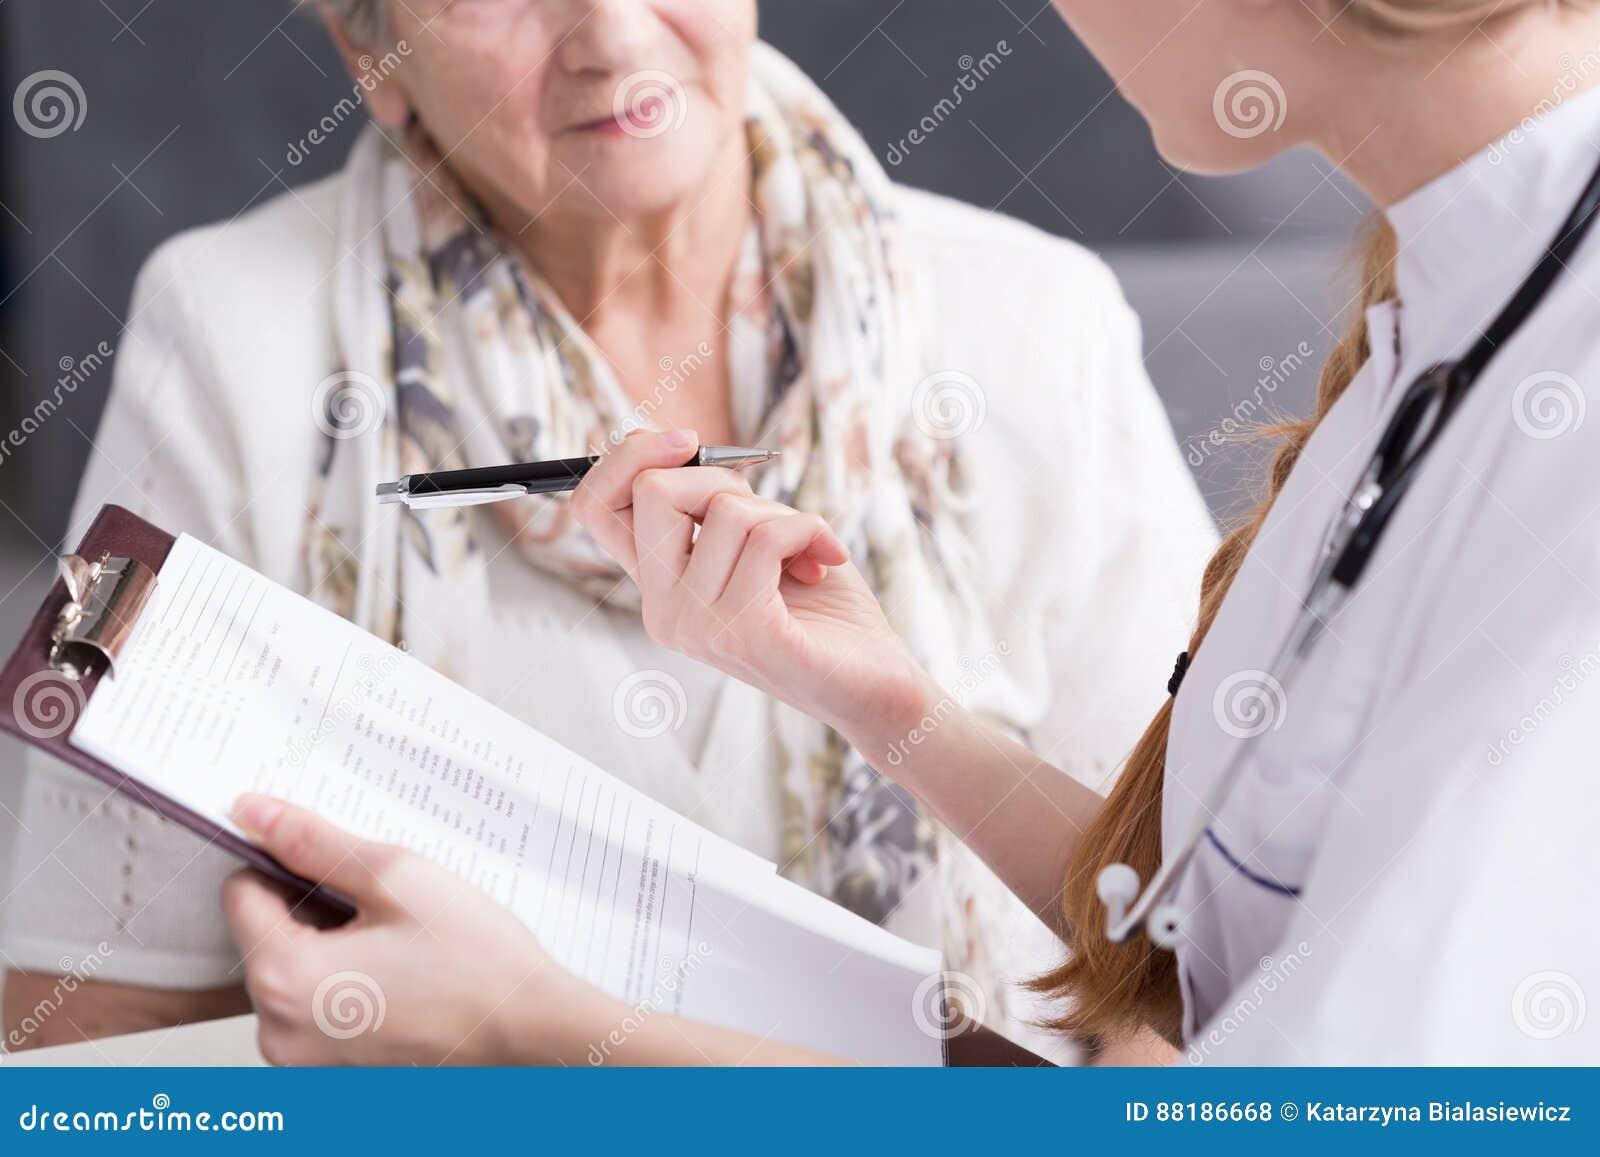 Läkare som gör medicinsk intervju